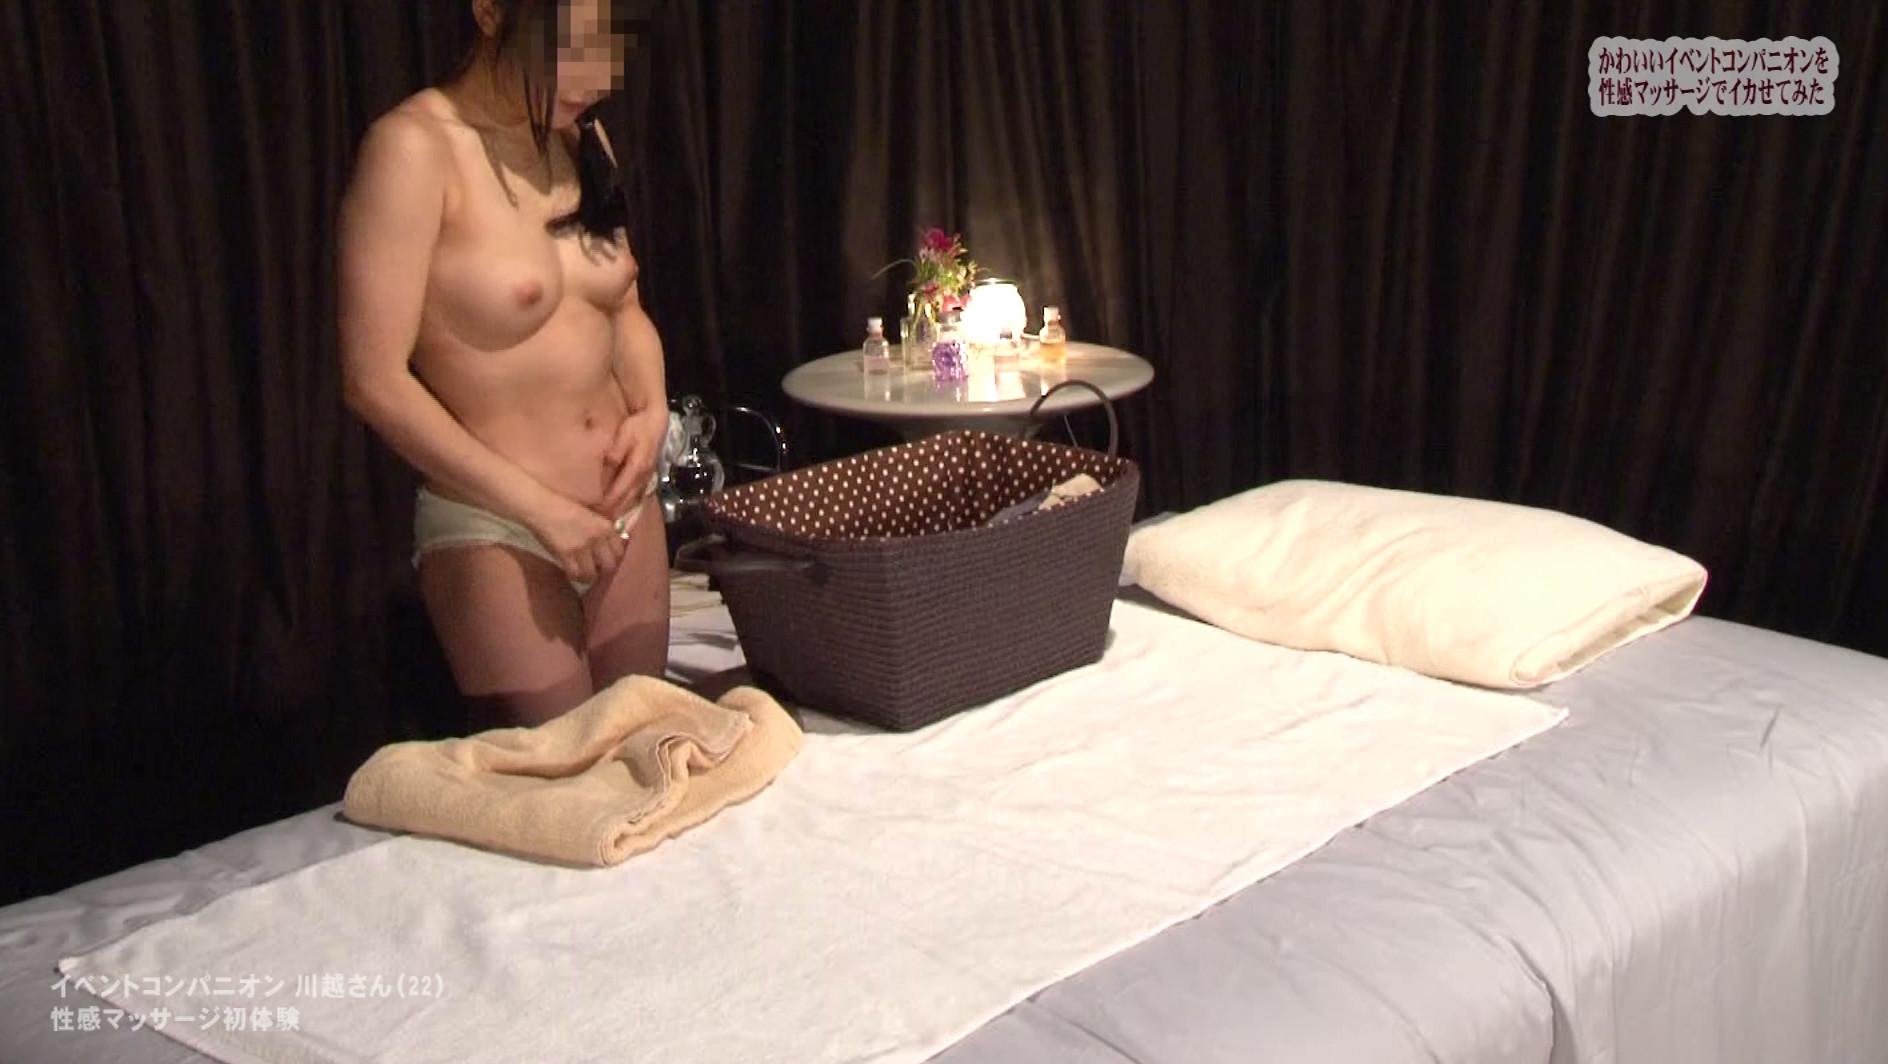 かわいいイベントコンパニオンのお姉さんを性感マッサージでとことんイカせてみた 画像13